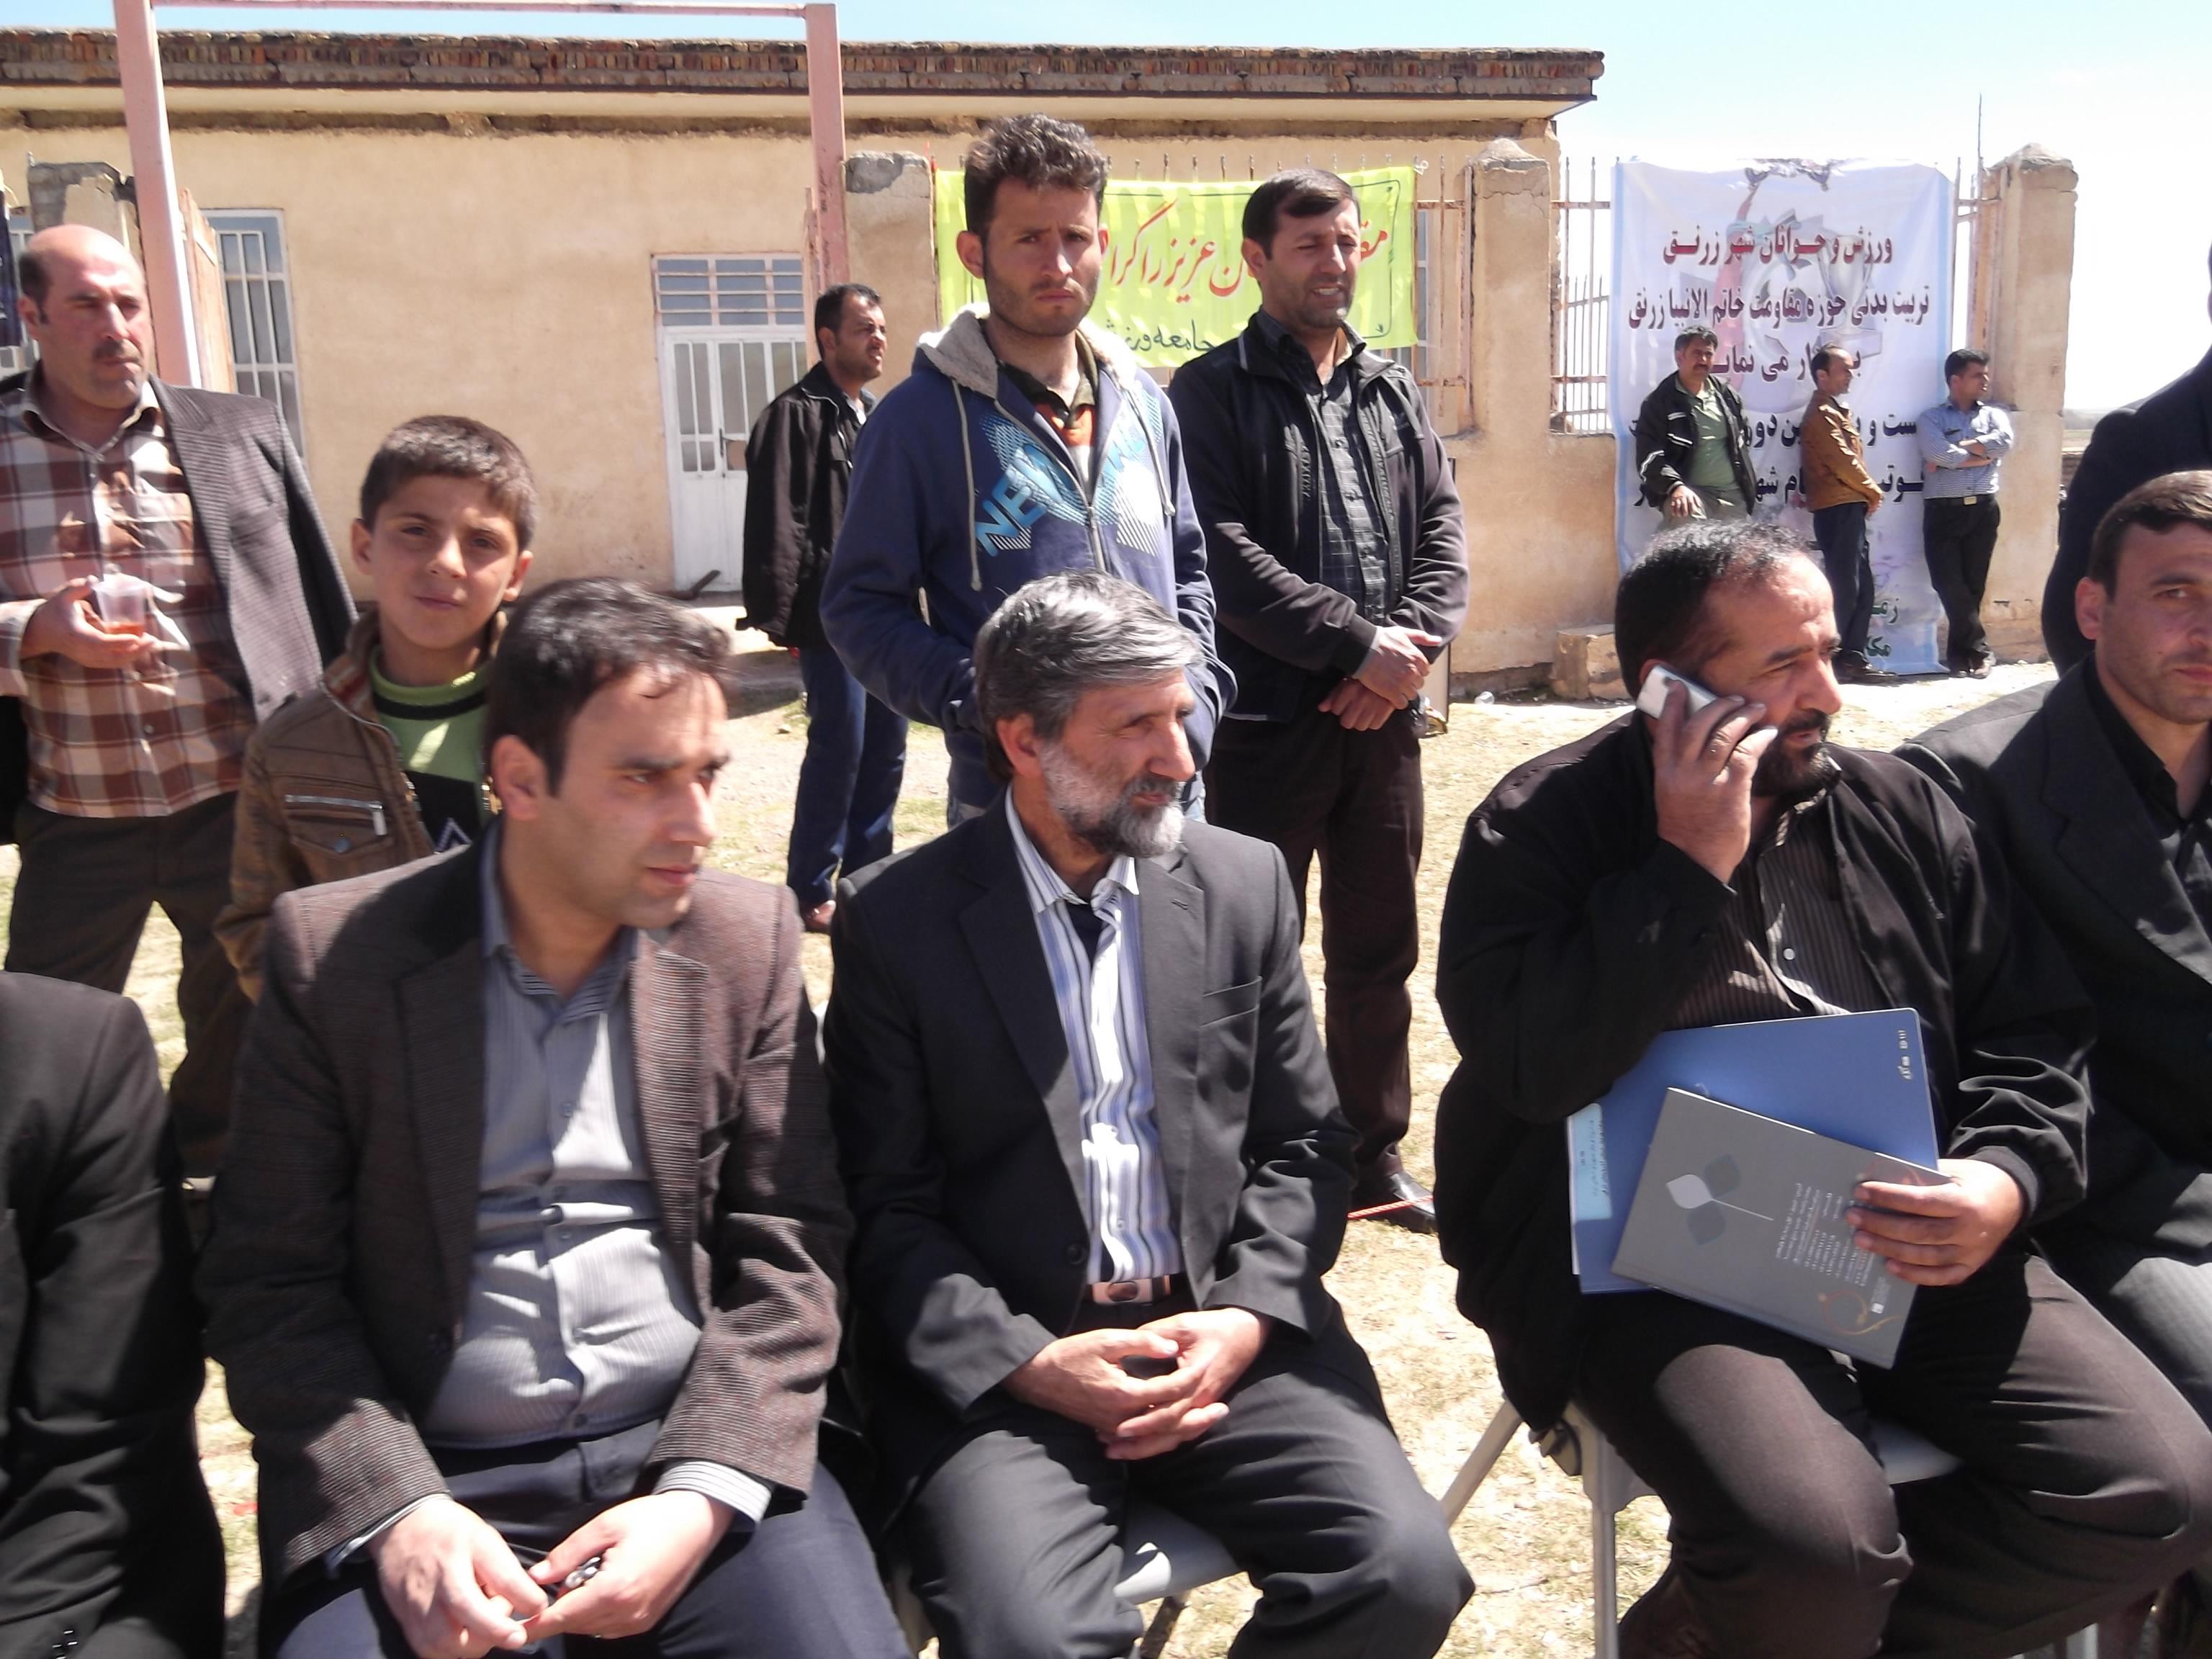 shahrzarnag.blogfa.com